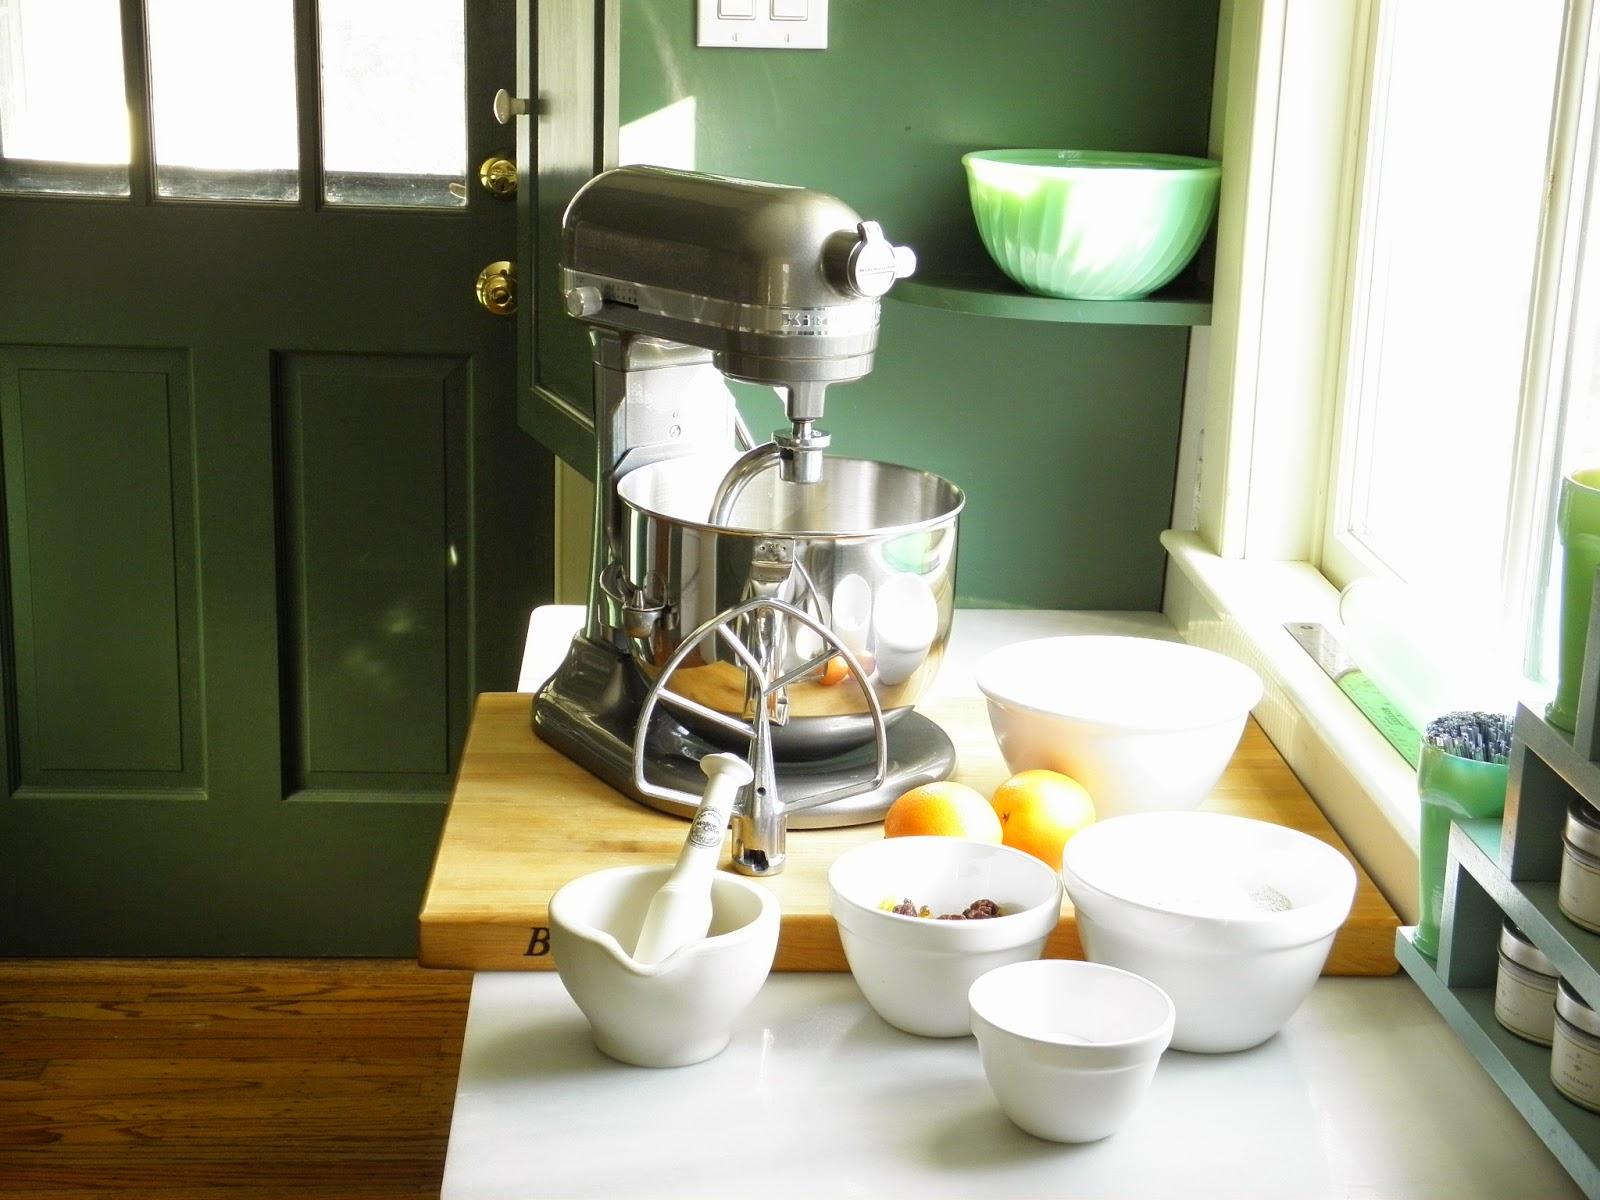 Kitchenaid 7qt Proline Mixer